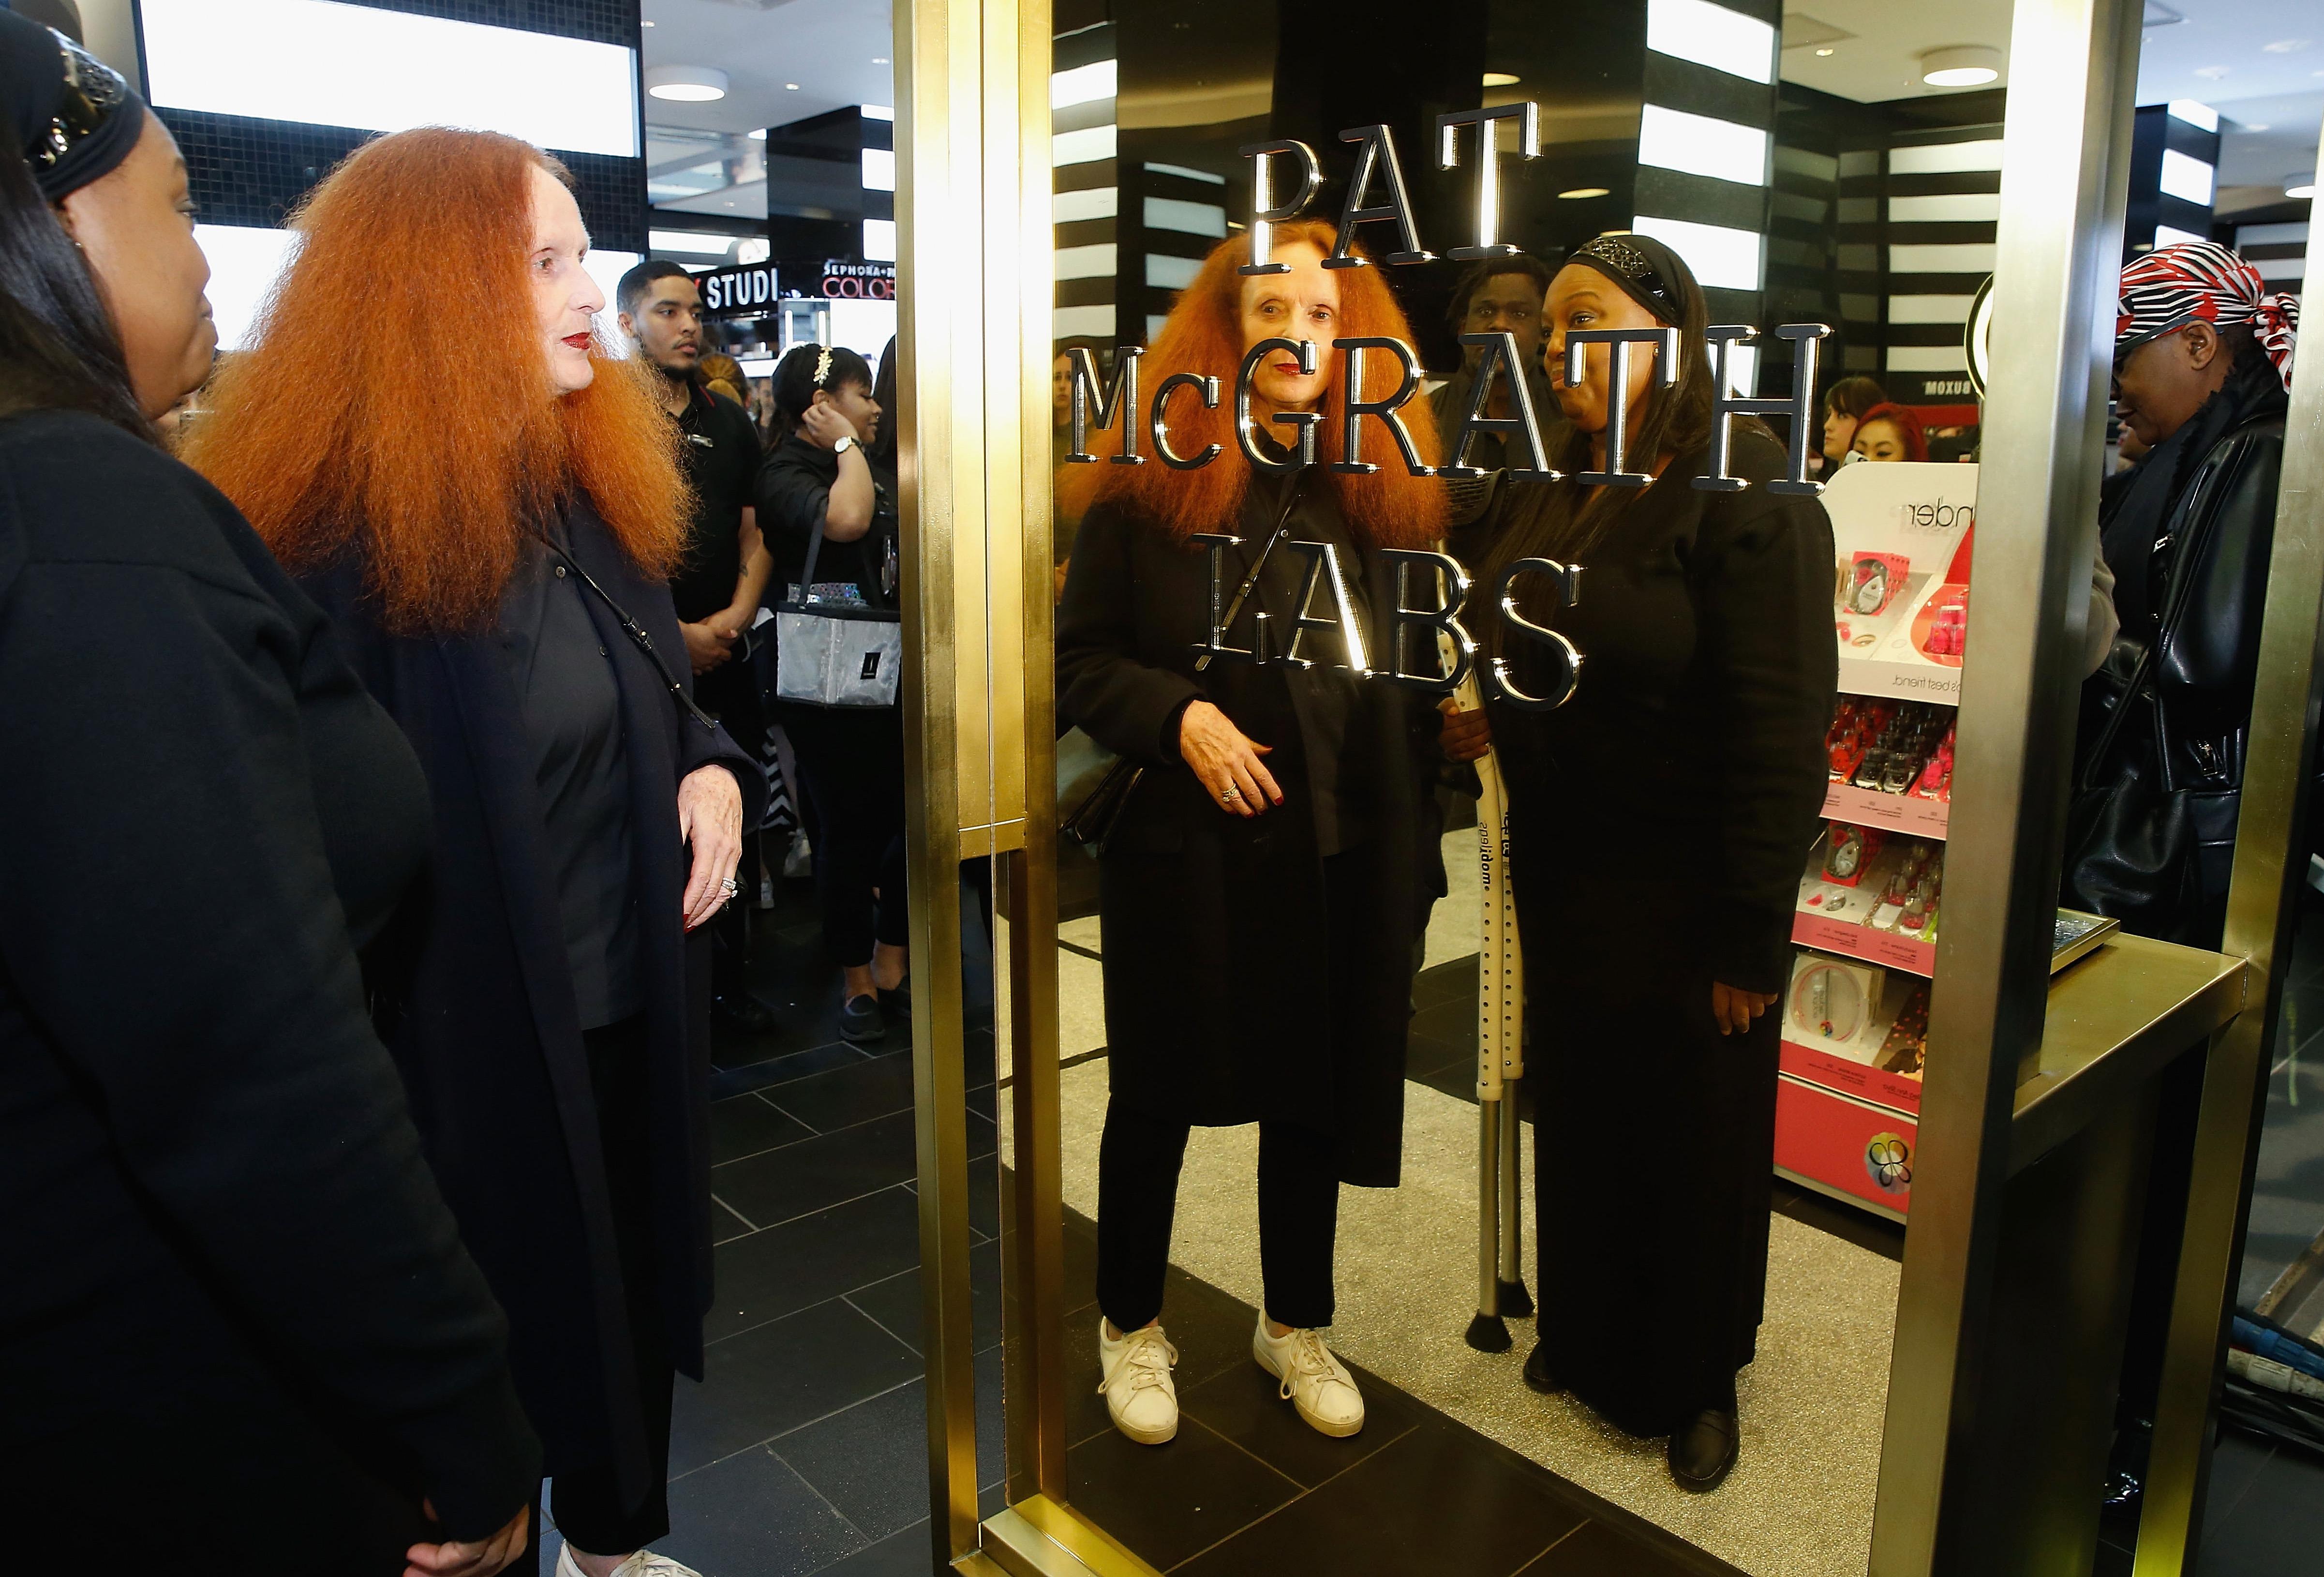 Η Pat McGrath μόλις έβγαλε το πιο πολυτελές lip balm! | tlife.gr